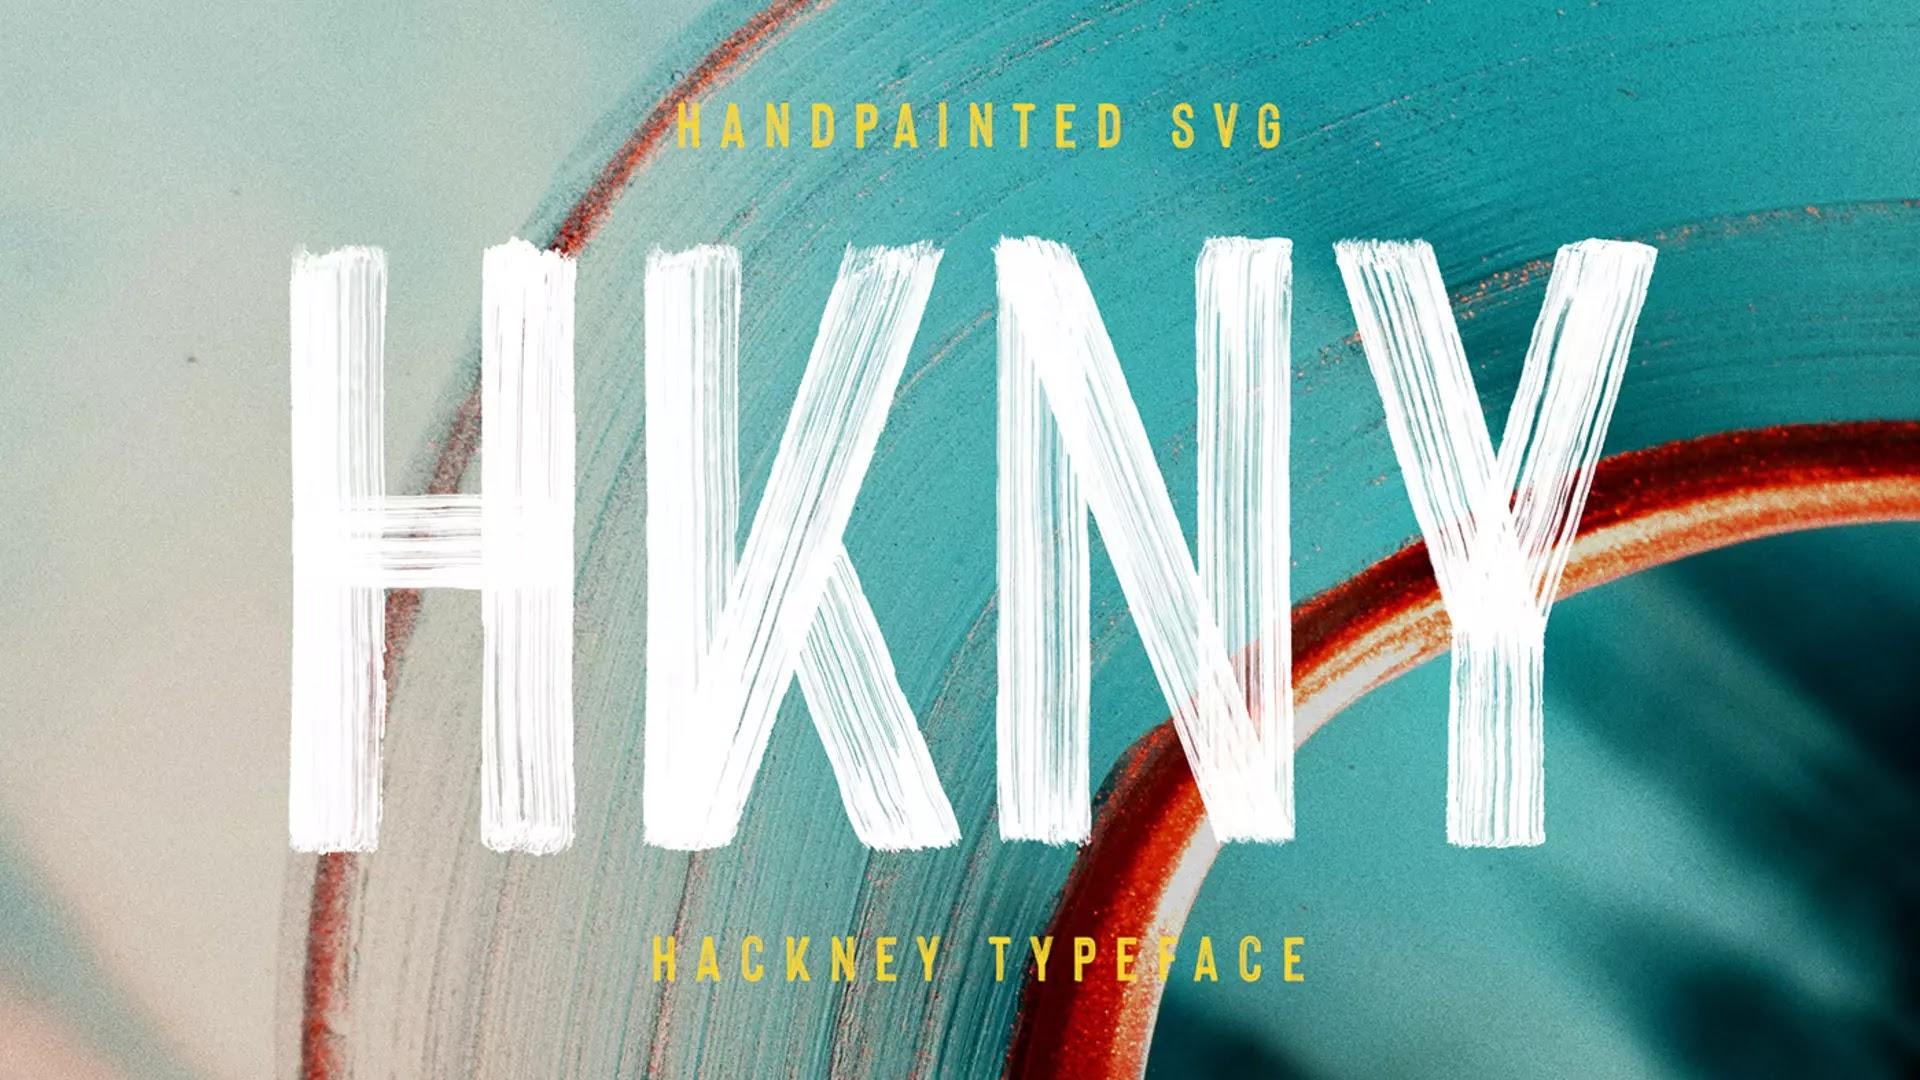 hackney -SVG